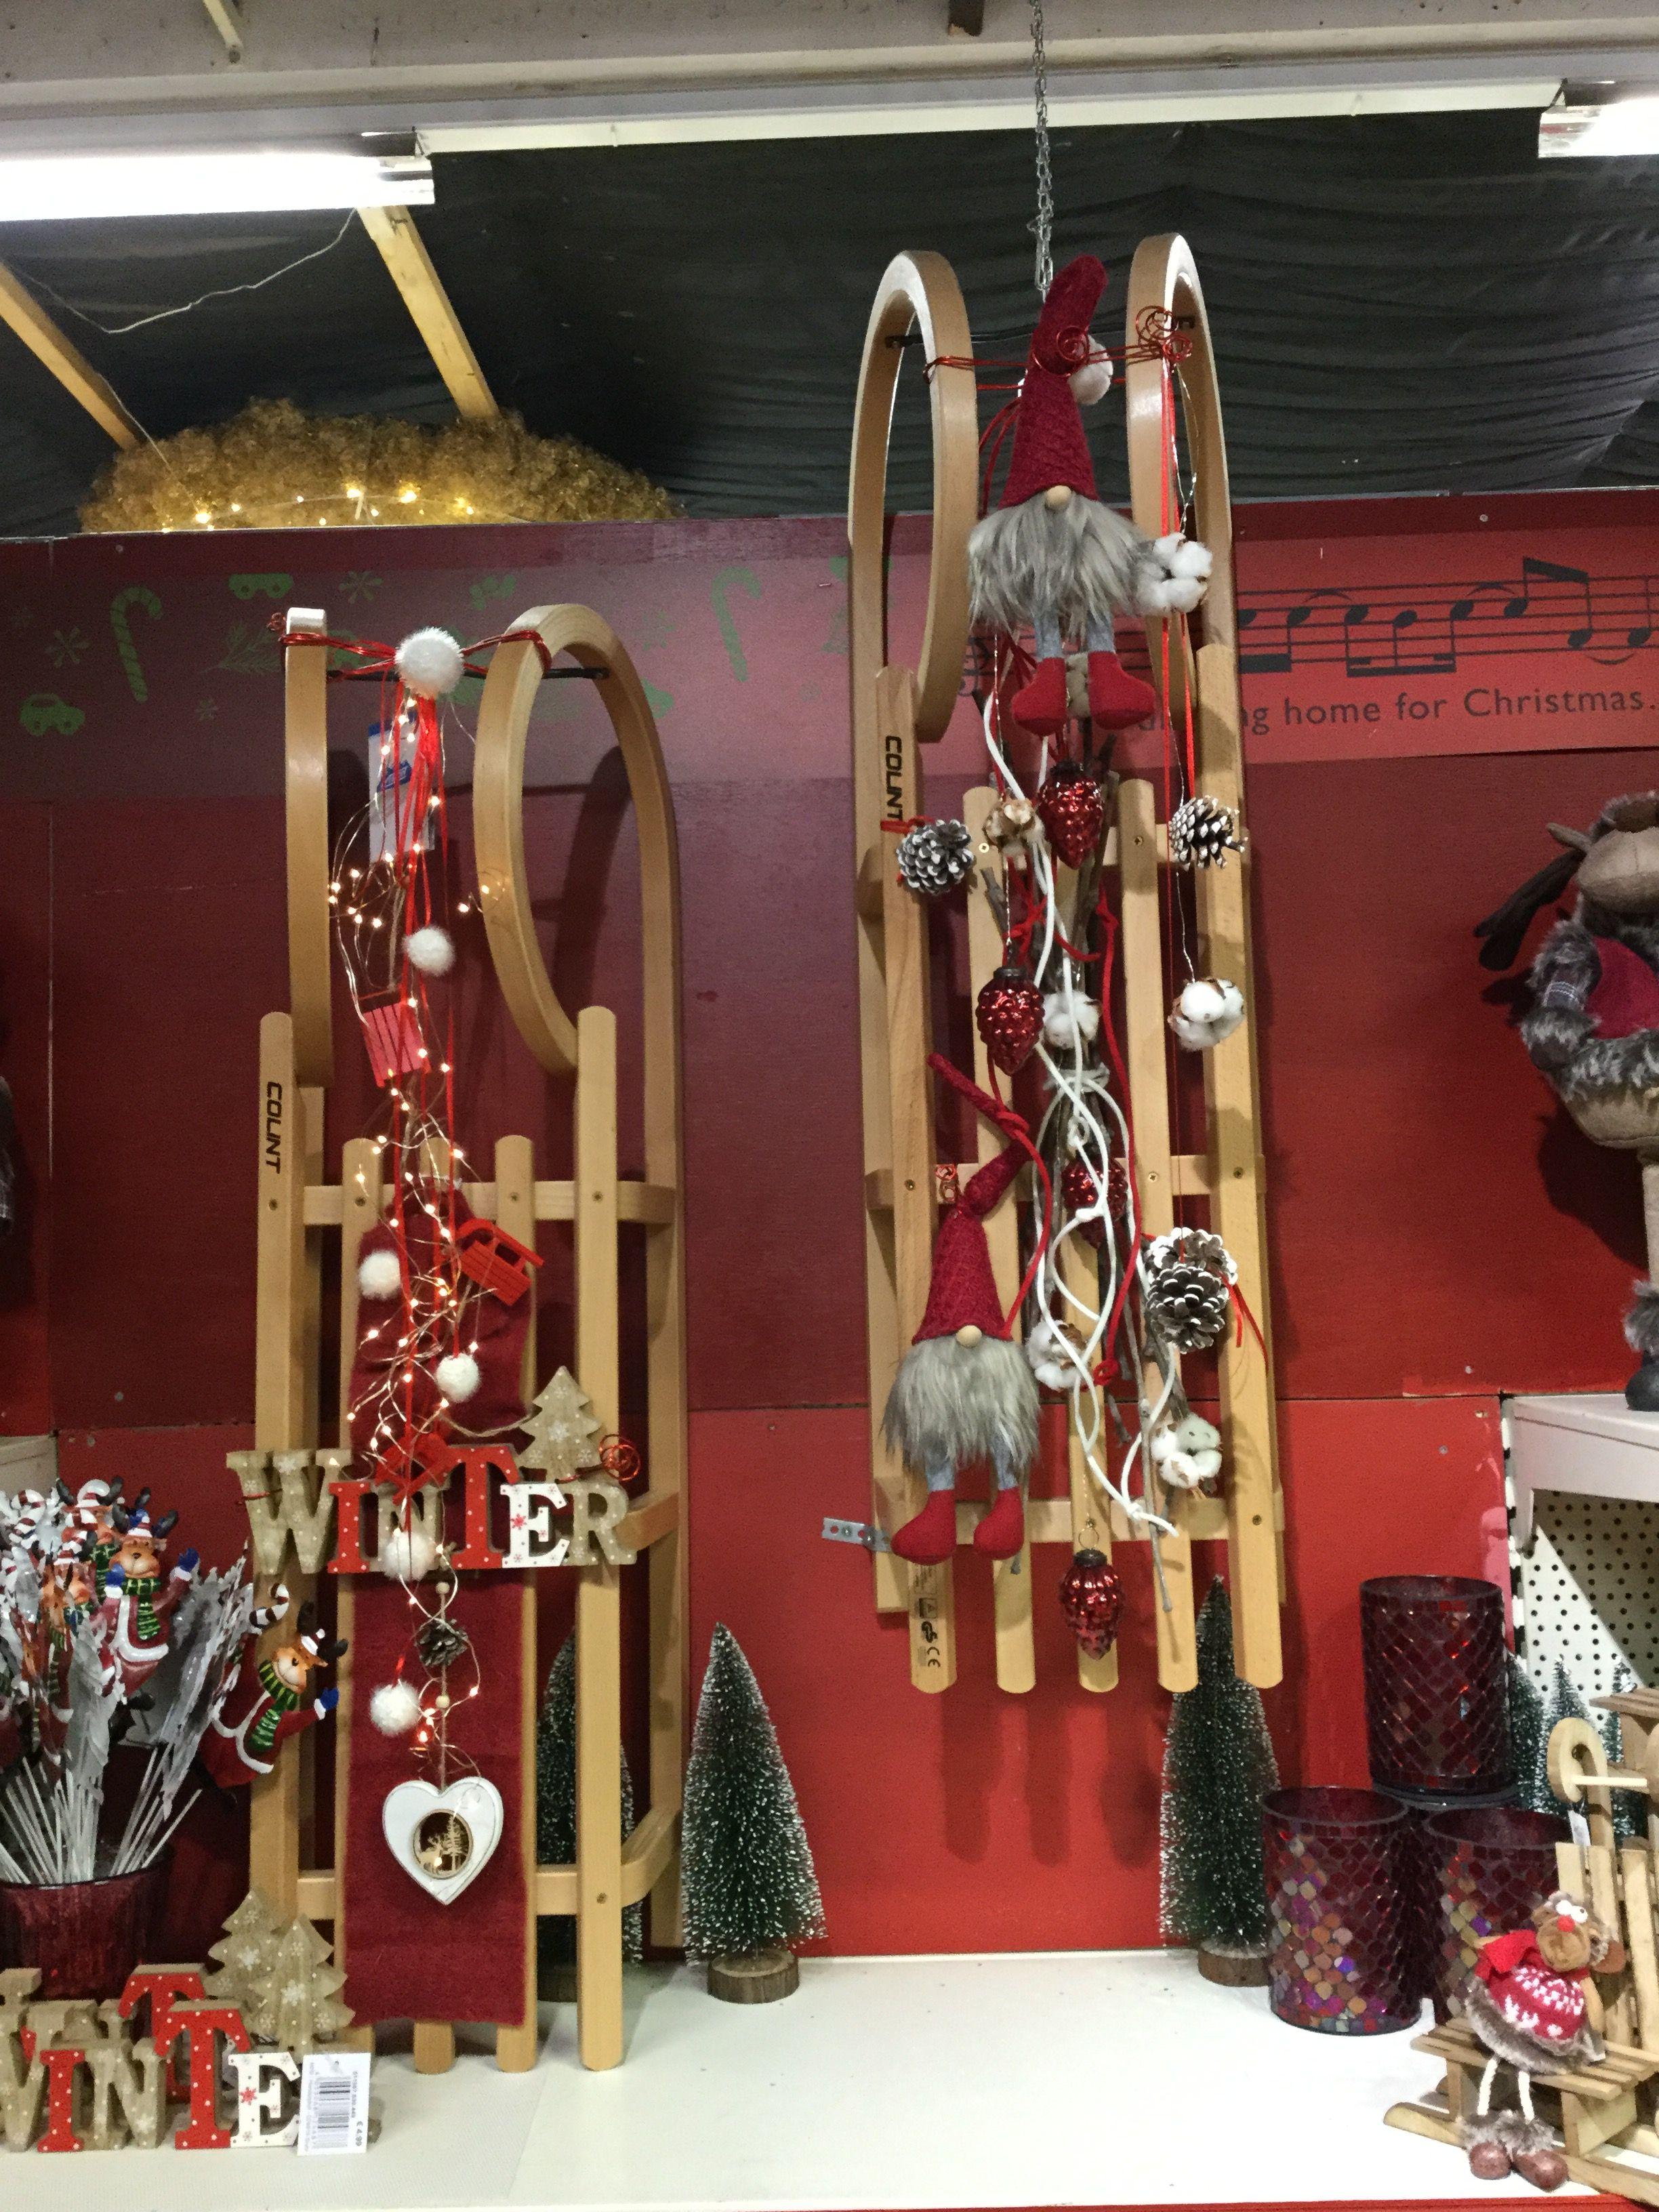 Kölle Weihnachtsdeko.Pin By Pflanzen Kölle Dallgow On Weihnachtsdeko